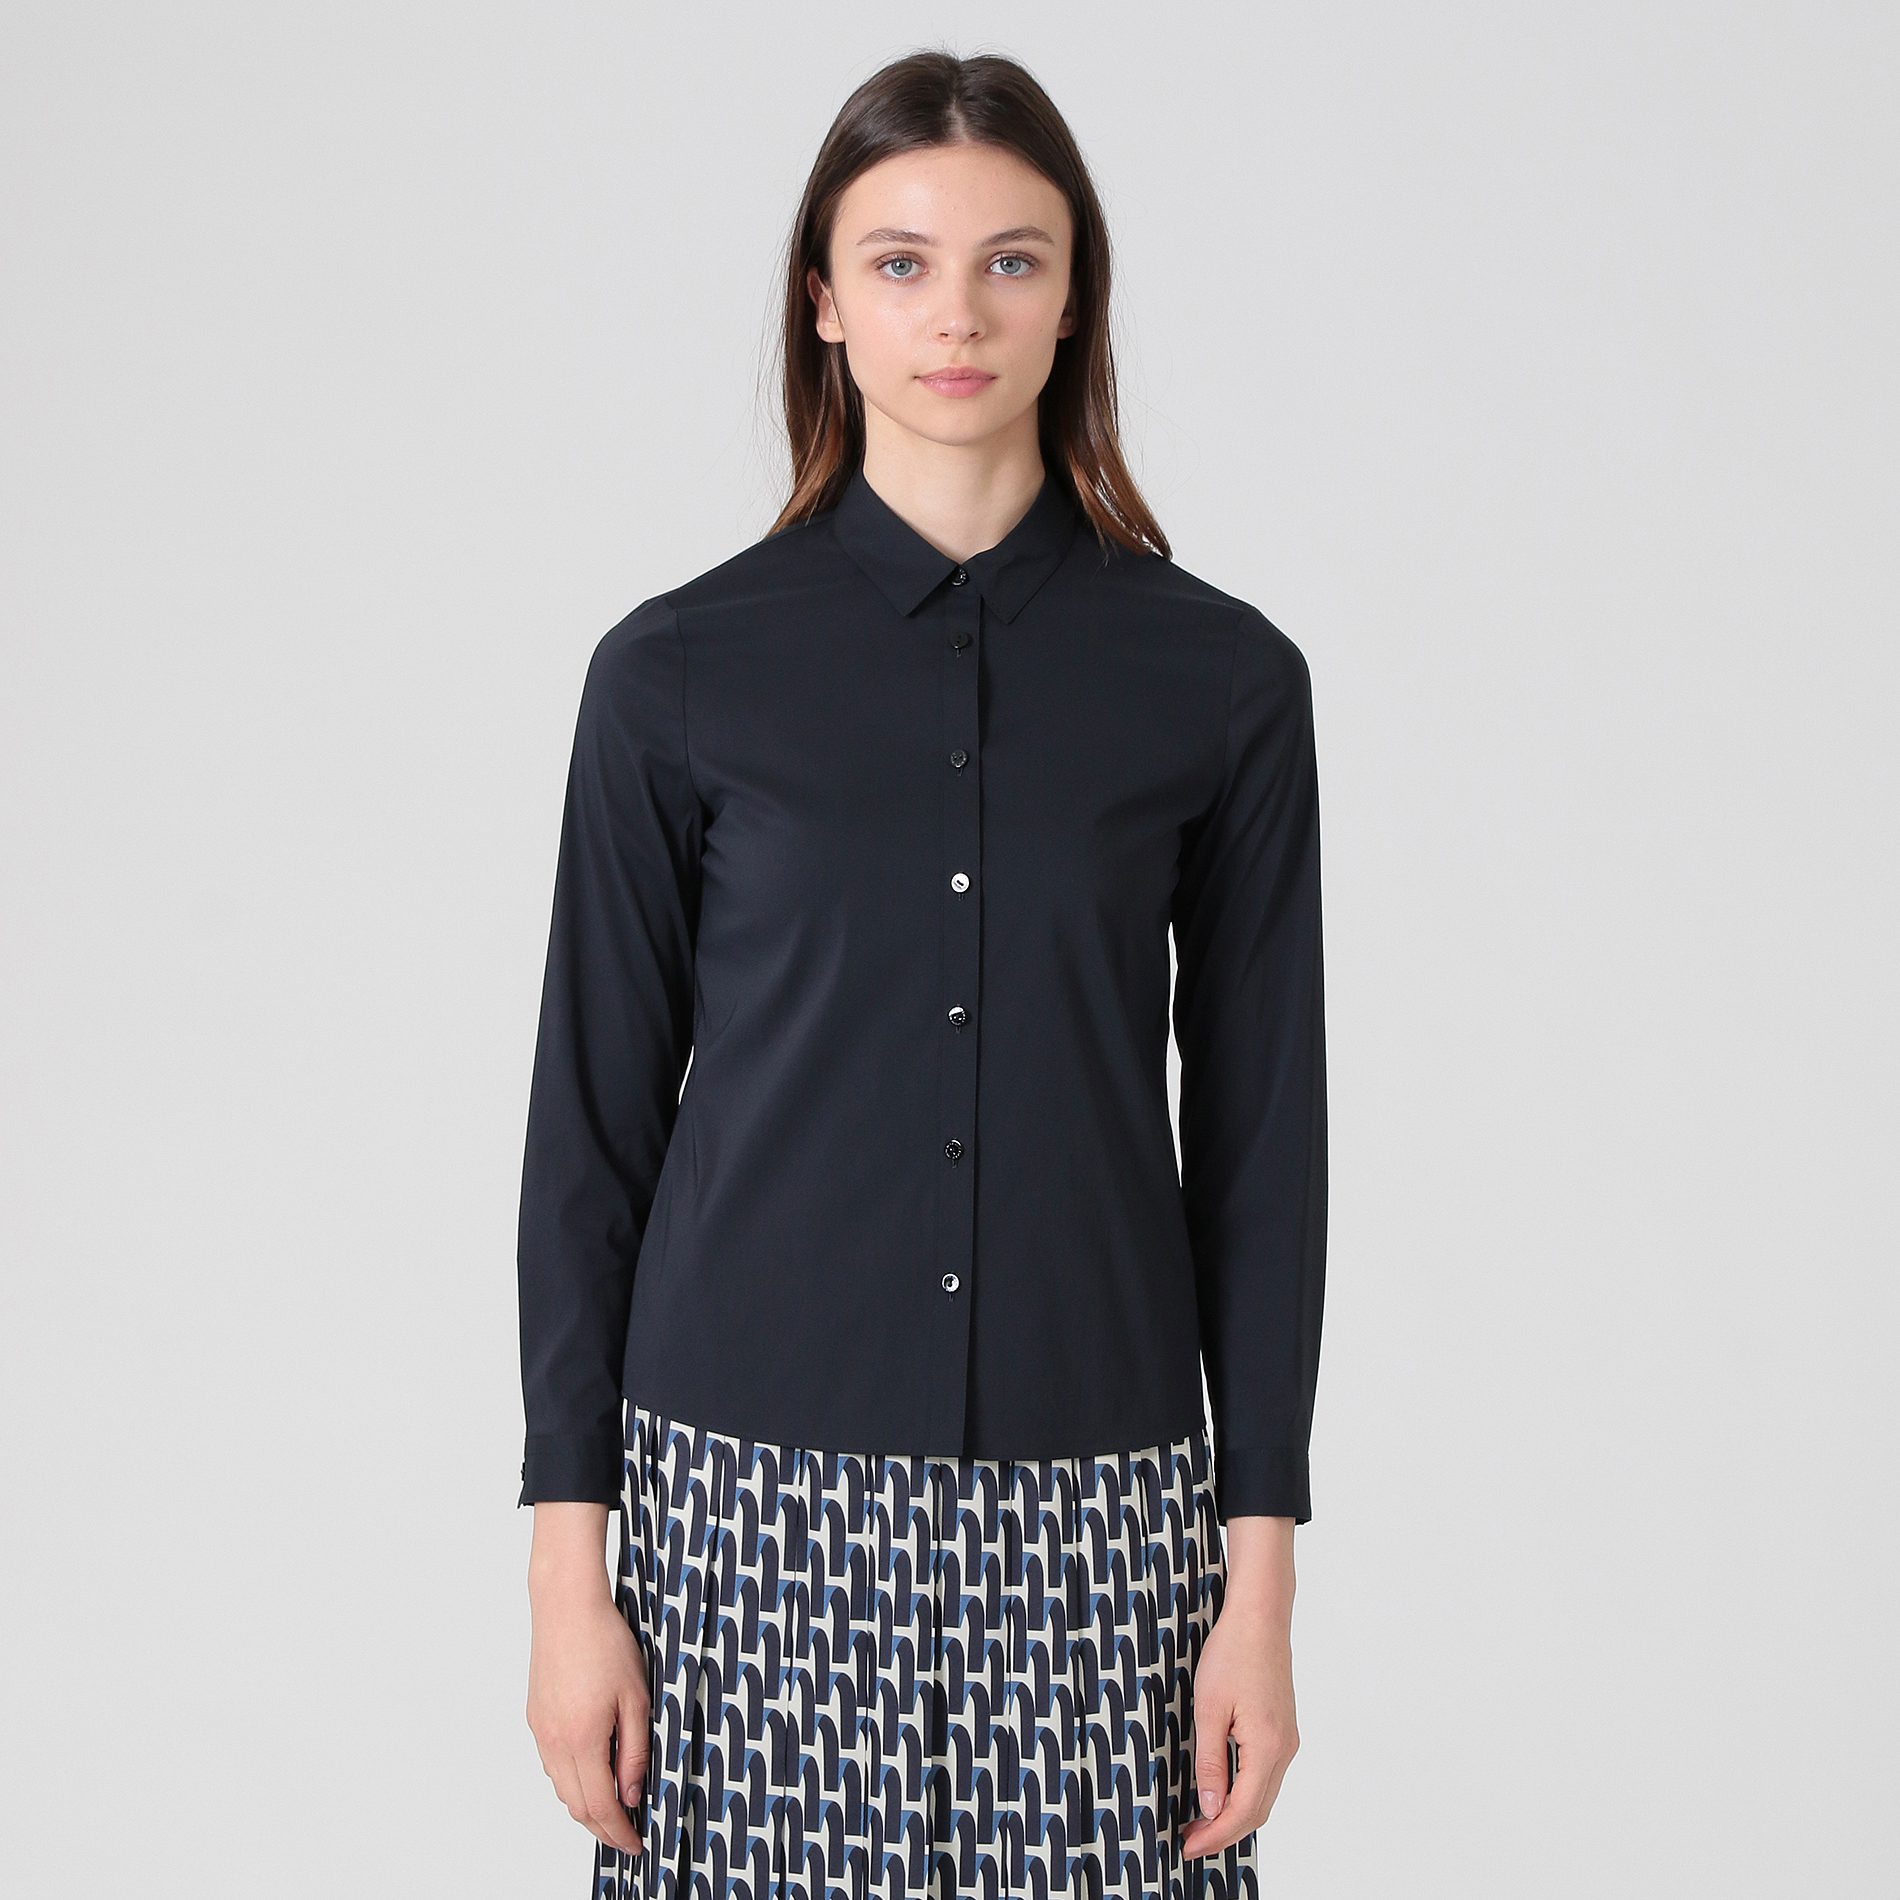 フィルコットンナイロンストレッチシャツ